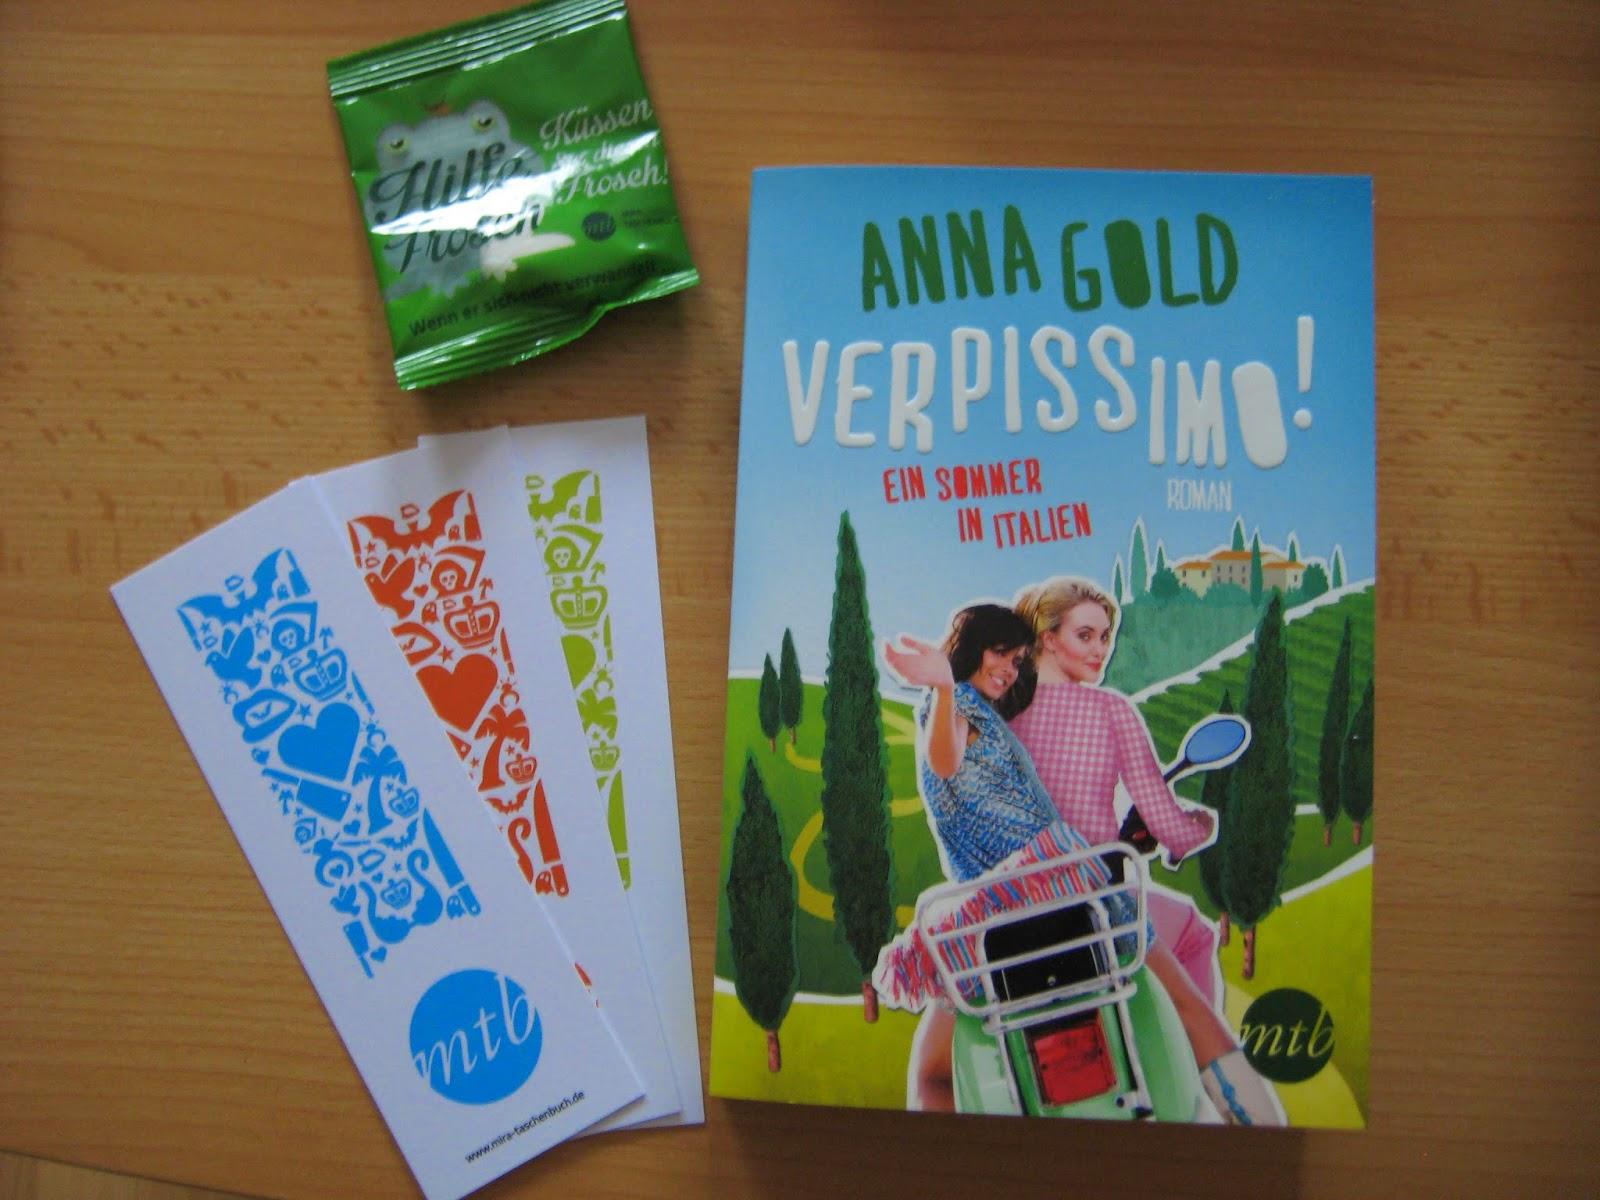 http://www.mira-taschenbuch.de/ebook-gesamtprogramm/liebe/verpissimo-ein-sommer-in-italien/